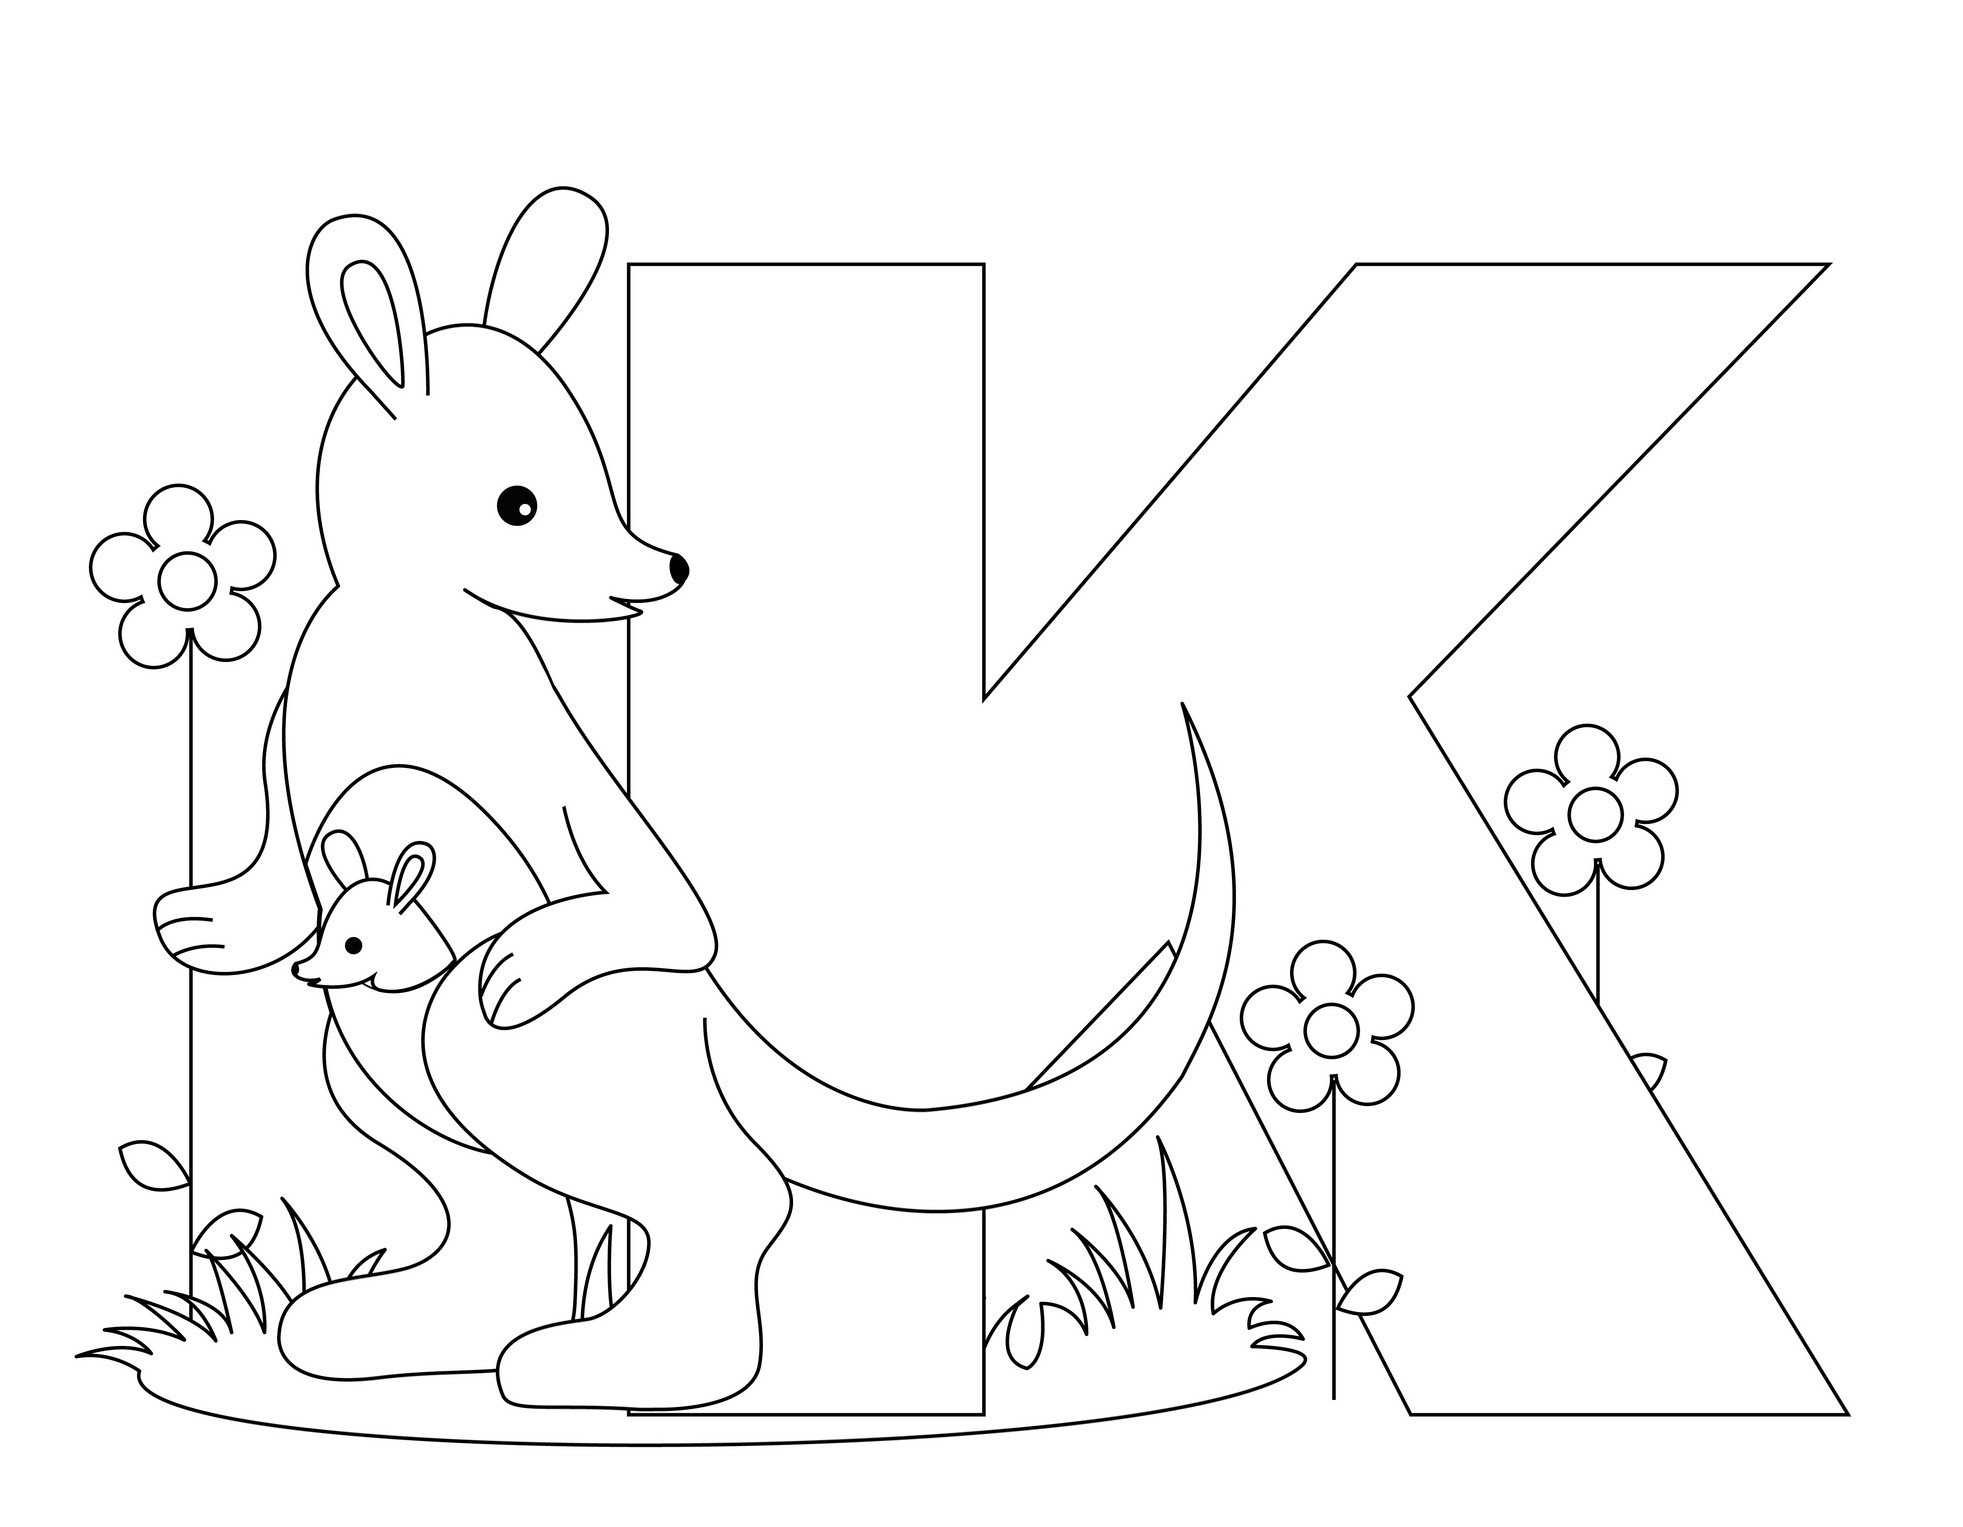 Free coloring pages kangaroo - Coloring Page Kangaroo Images